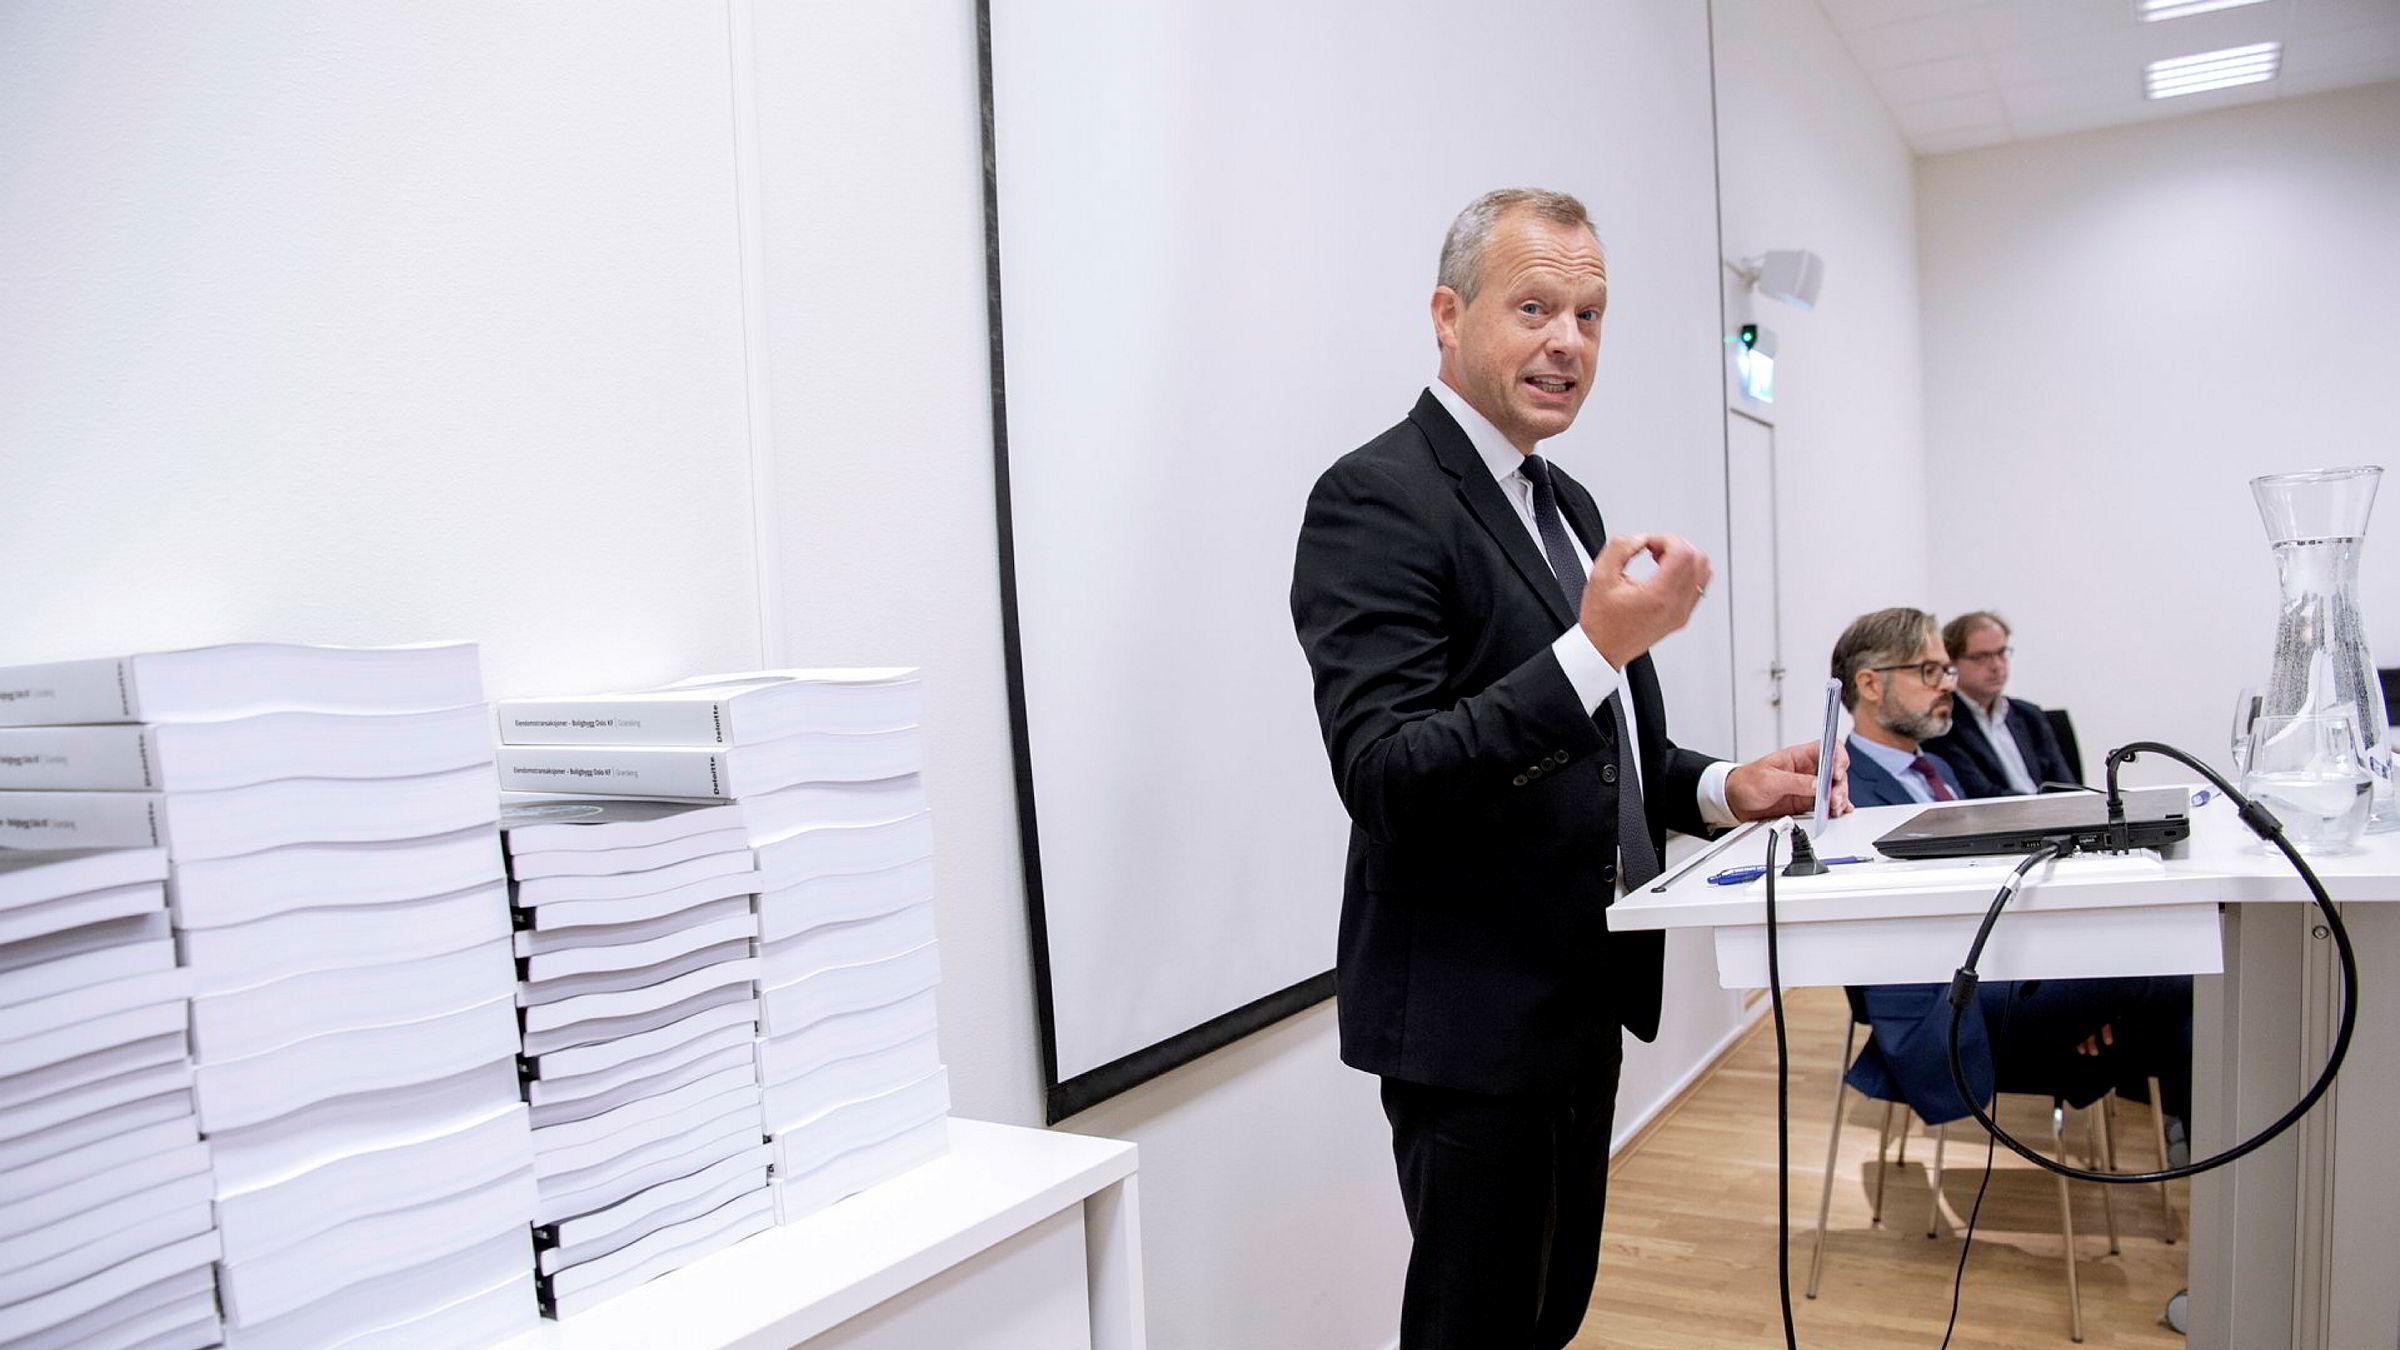 – Kjøpet av Kruse Smith Eiendom passer godt inn i vår vekstambisjon, sier Stig Bech, administrerende direktør i Solon Eiendom.